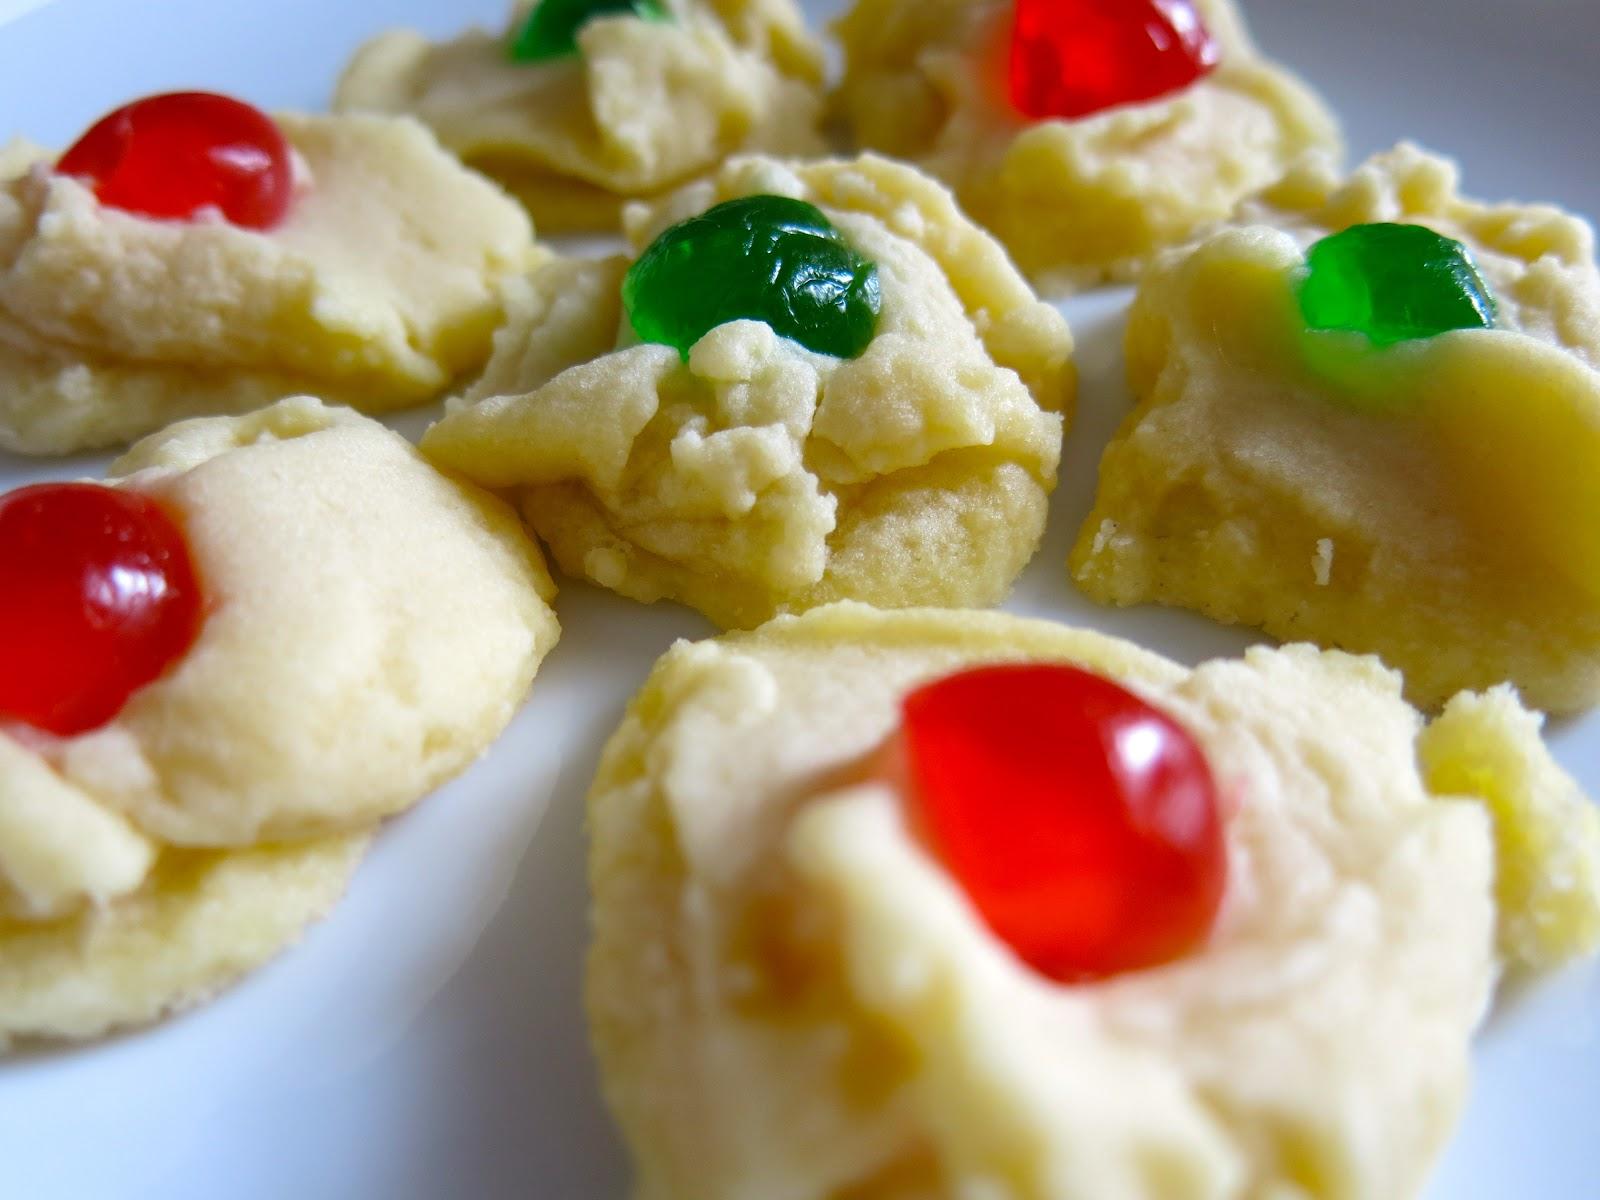 Caker Cooking Shortbread Cookies